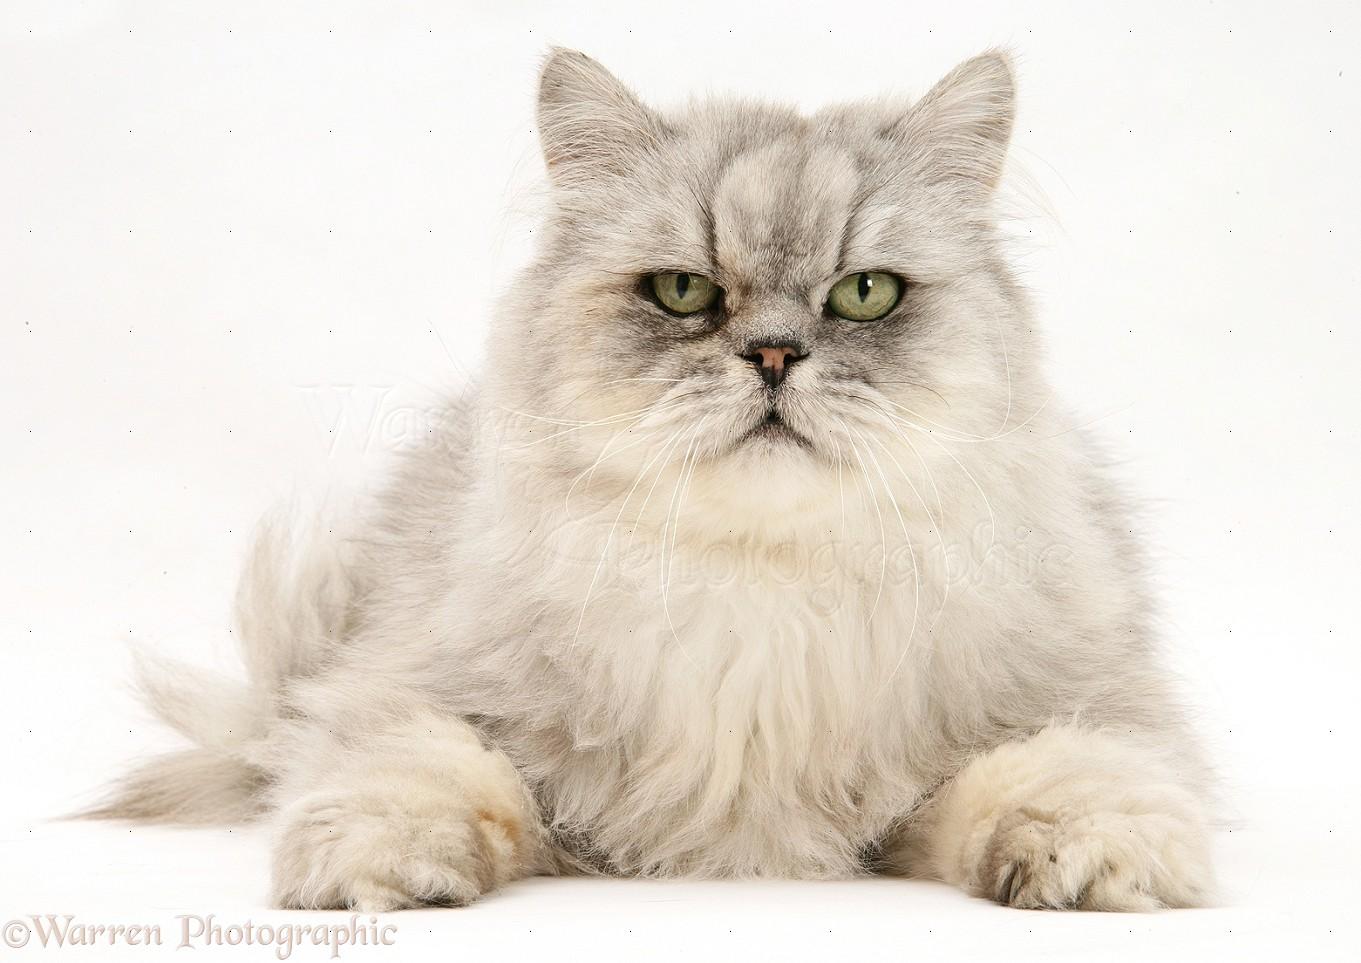 Chinchilla Persian male cat photo WP